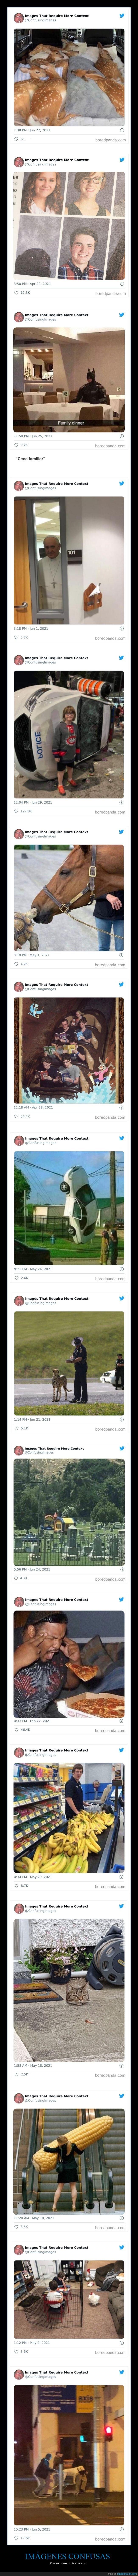 imágenes confusas,sin contexto